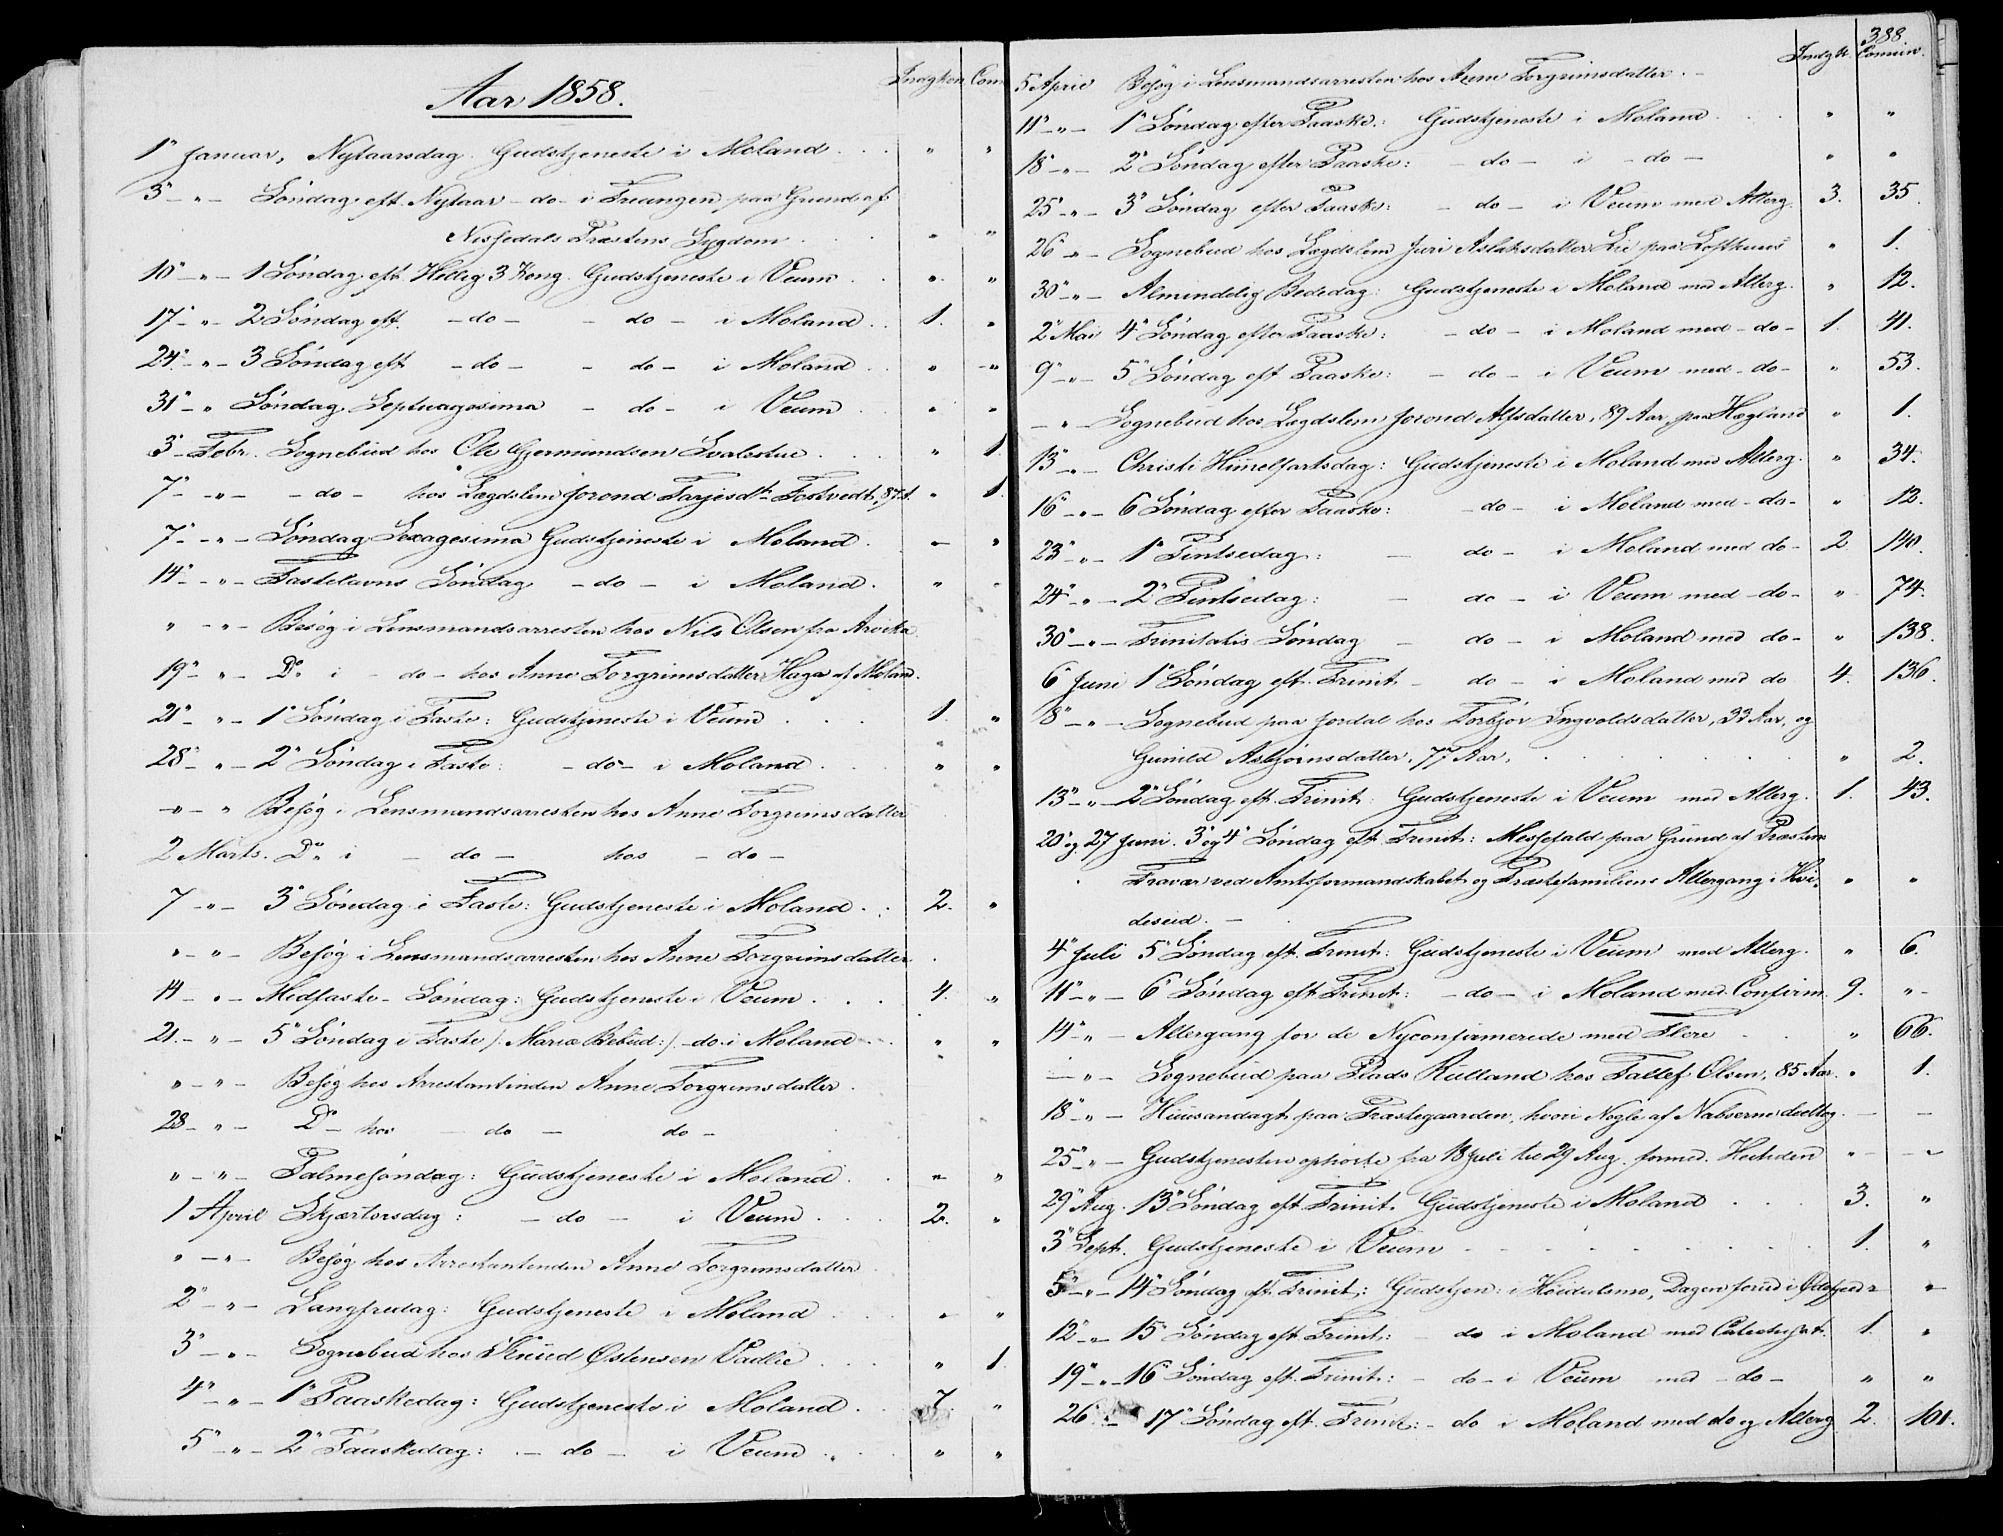 SAKO, Fyresdal kirkebøker, F/Fa/L0005: Ministerialbok nr. I 5, 1855-1871, s. 388